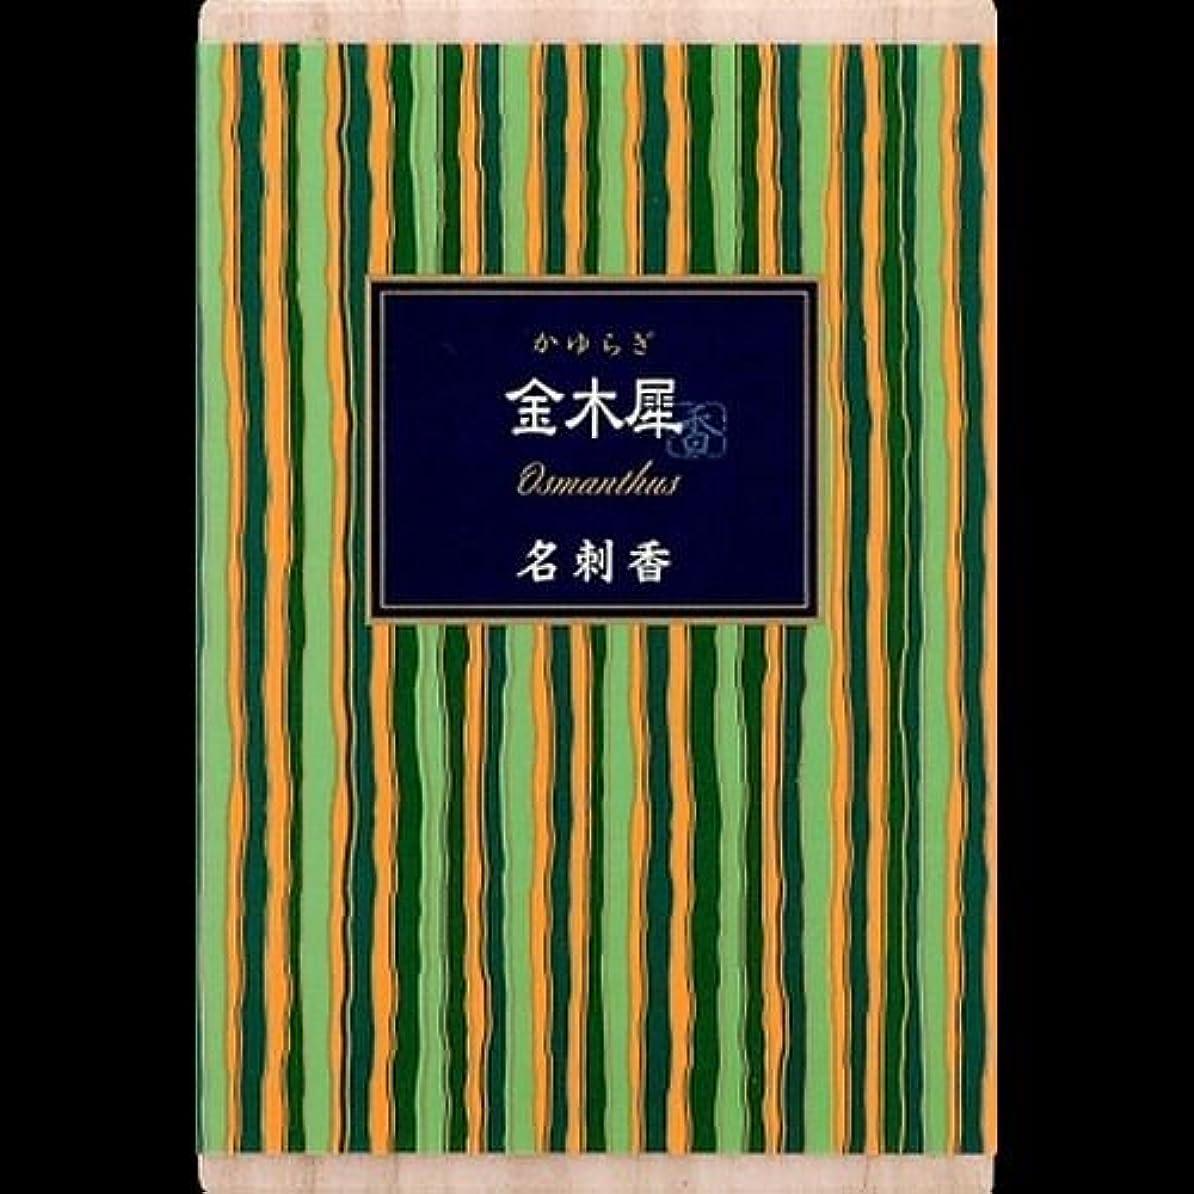 アラスカグレー忌避剤【まとめ買い】かゆらぎ 金木犀 名刺香 桐箱 6入 ×2セット